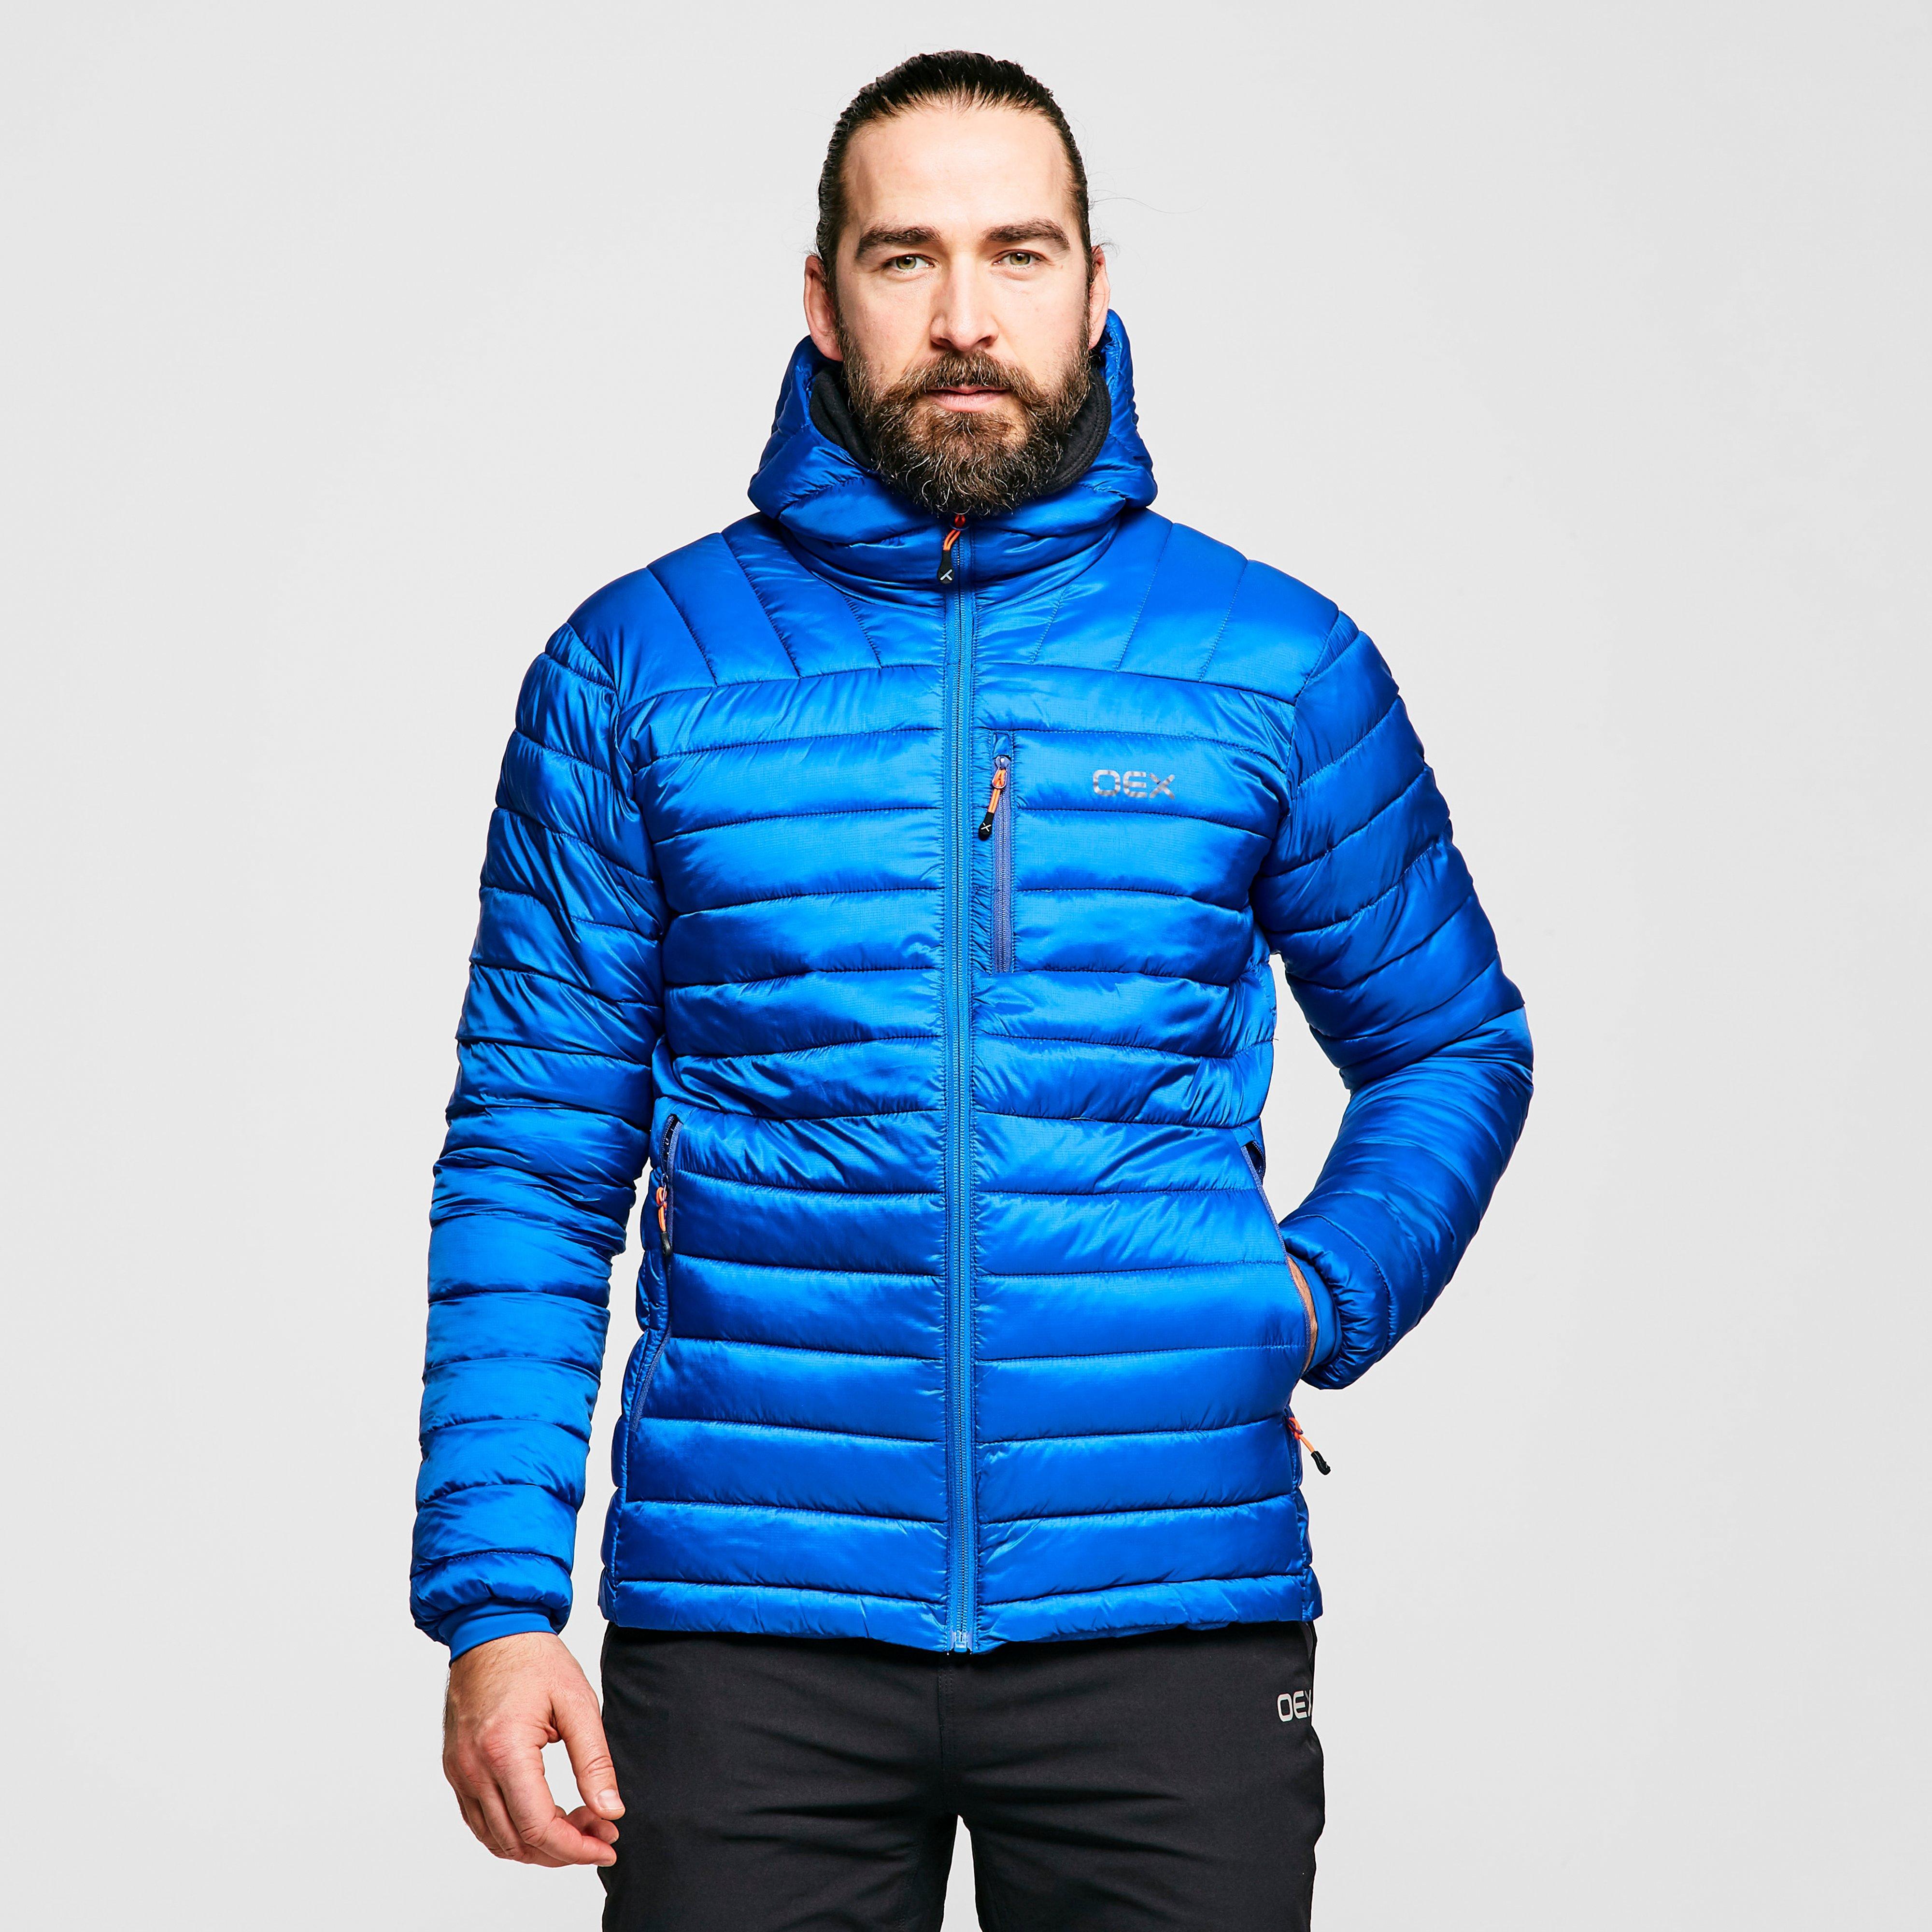 Oex Oex Mens Idris Insulated Jacket - Blue, Blue